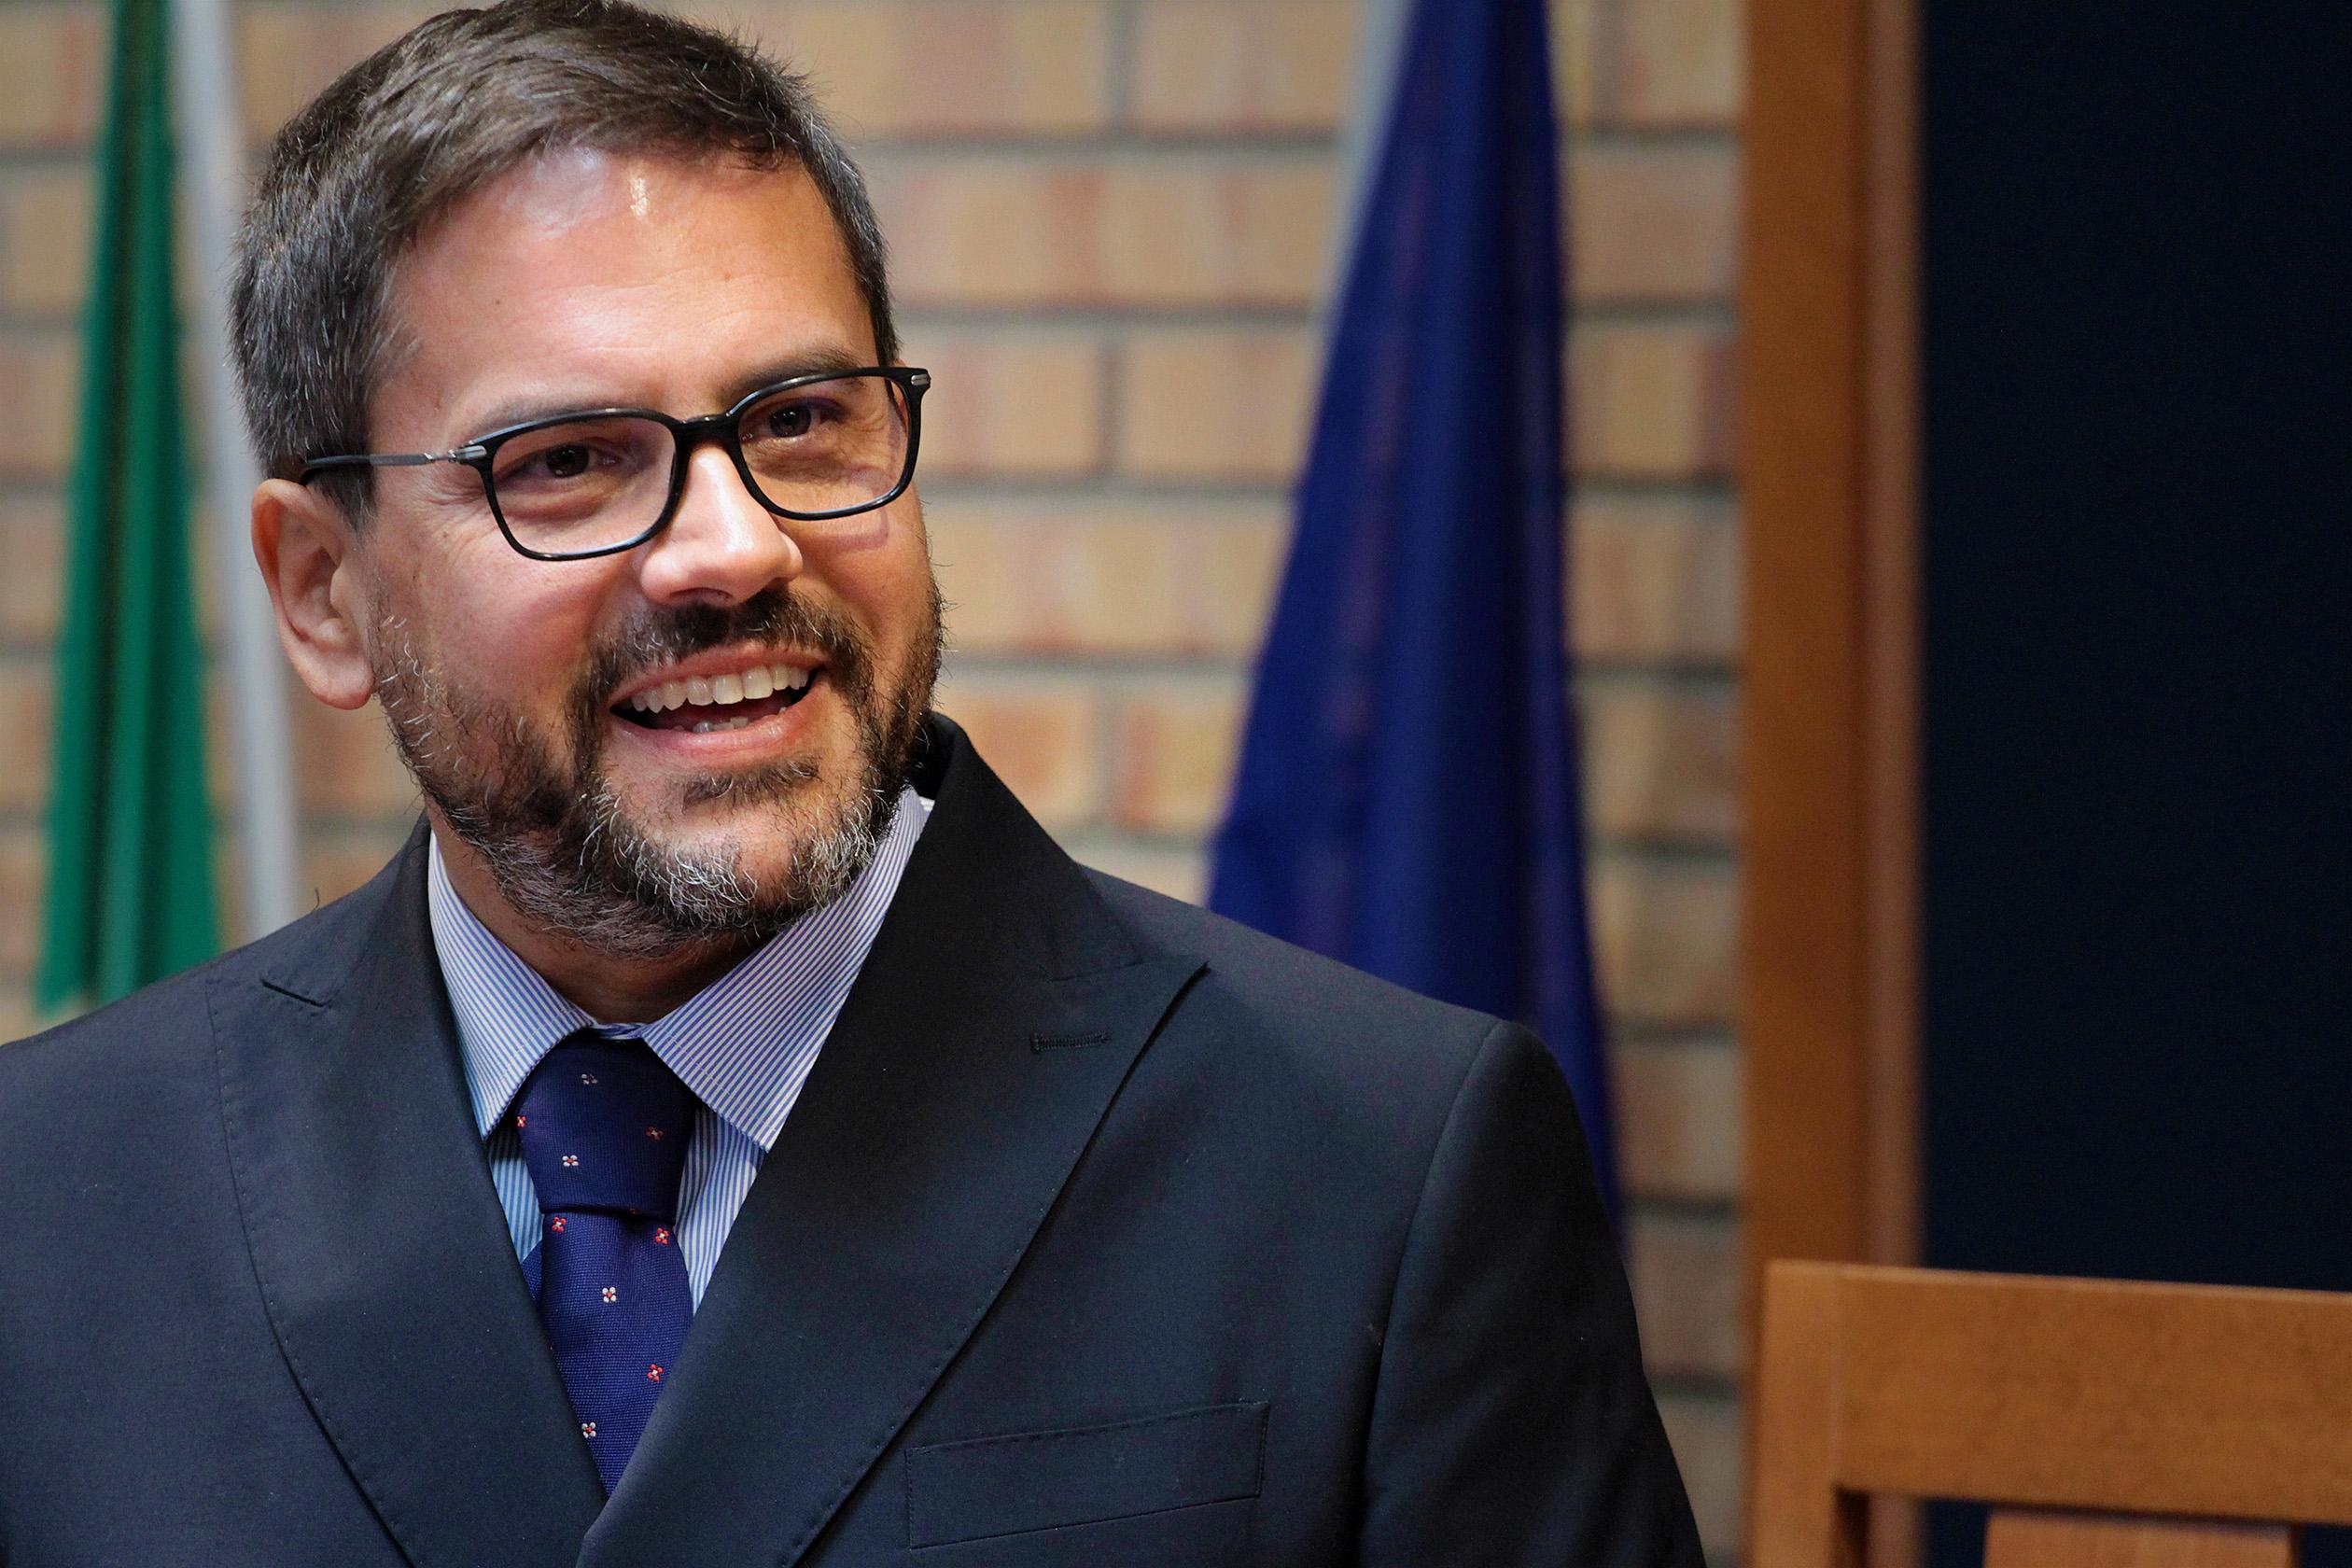 Costiera devastata, Tommasetti (Lega): «Nessuna tregua agli incivili, la politica deve fare la sua parte»